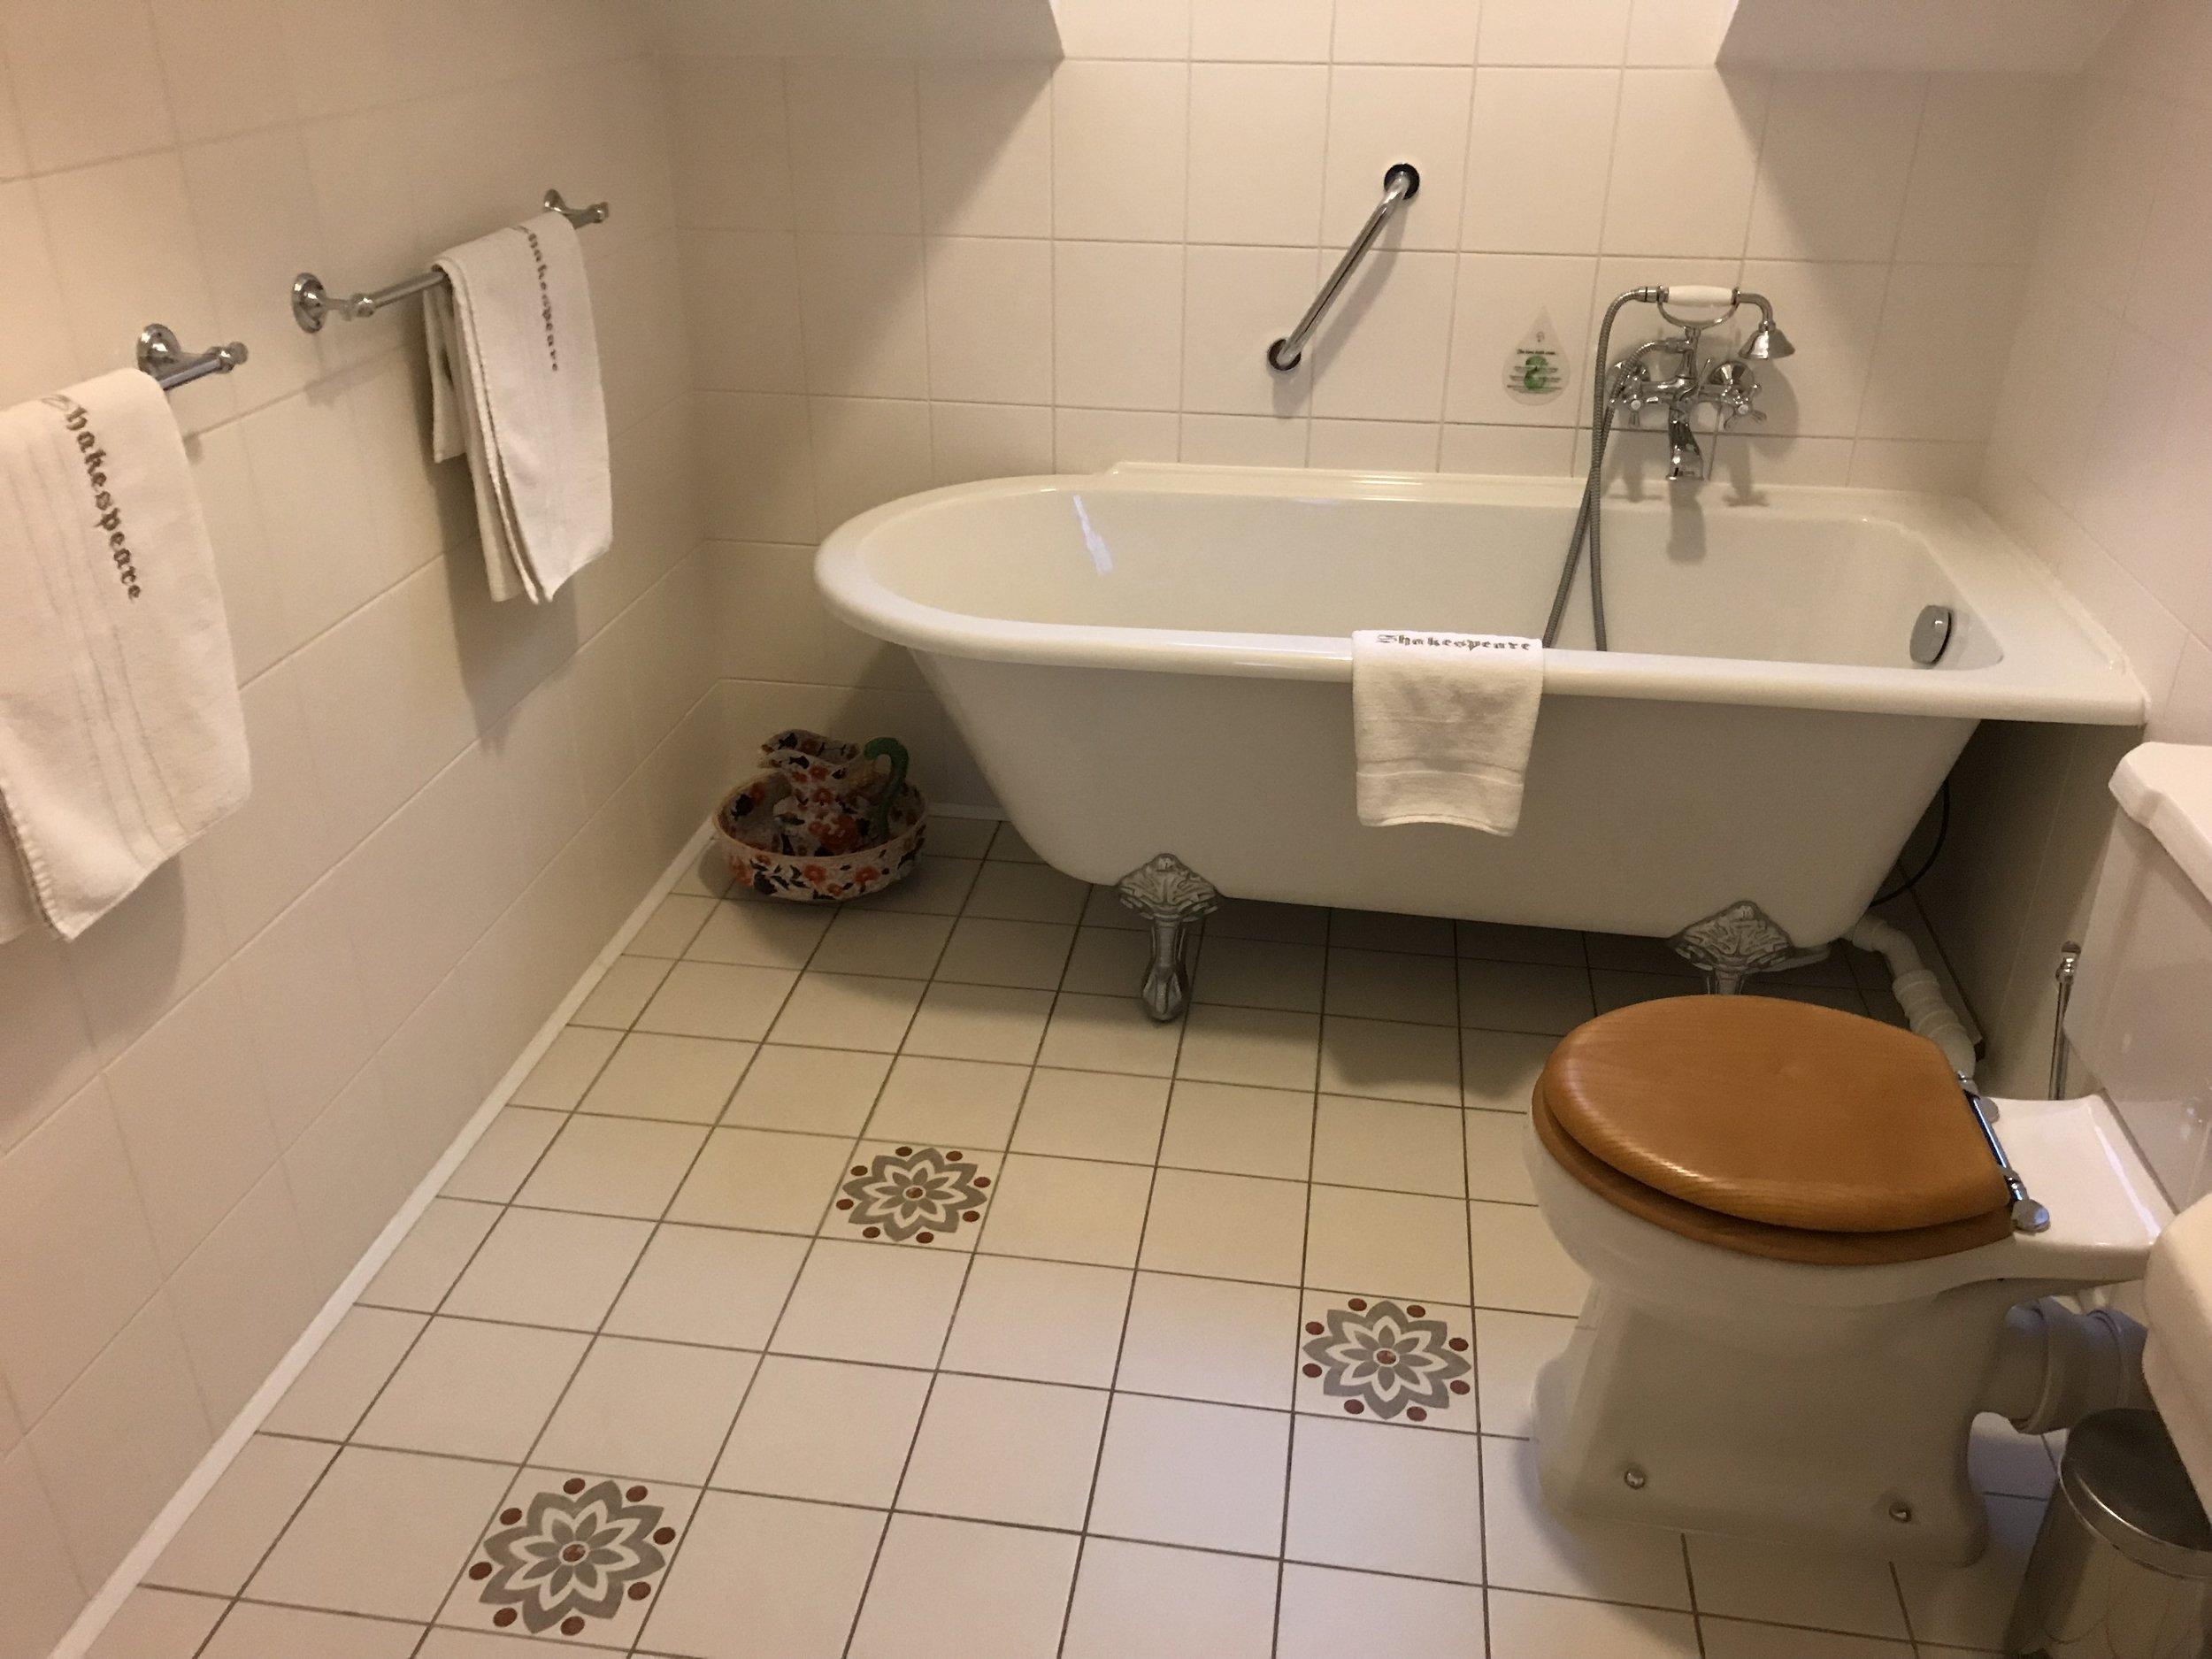 Det hjelper ikke så mye at toalettet er fint dersom du må tilbringe «halve ferien« her. Foto: Odd Roar Lange